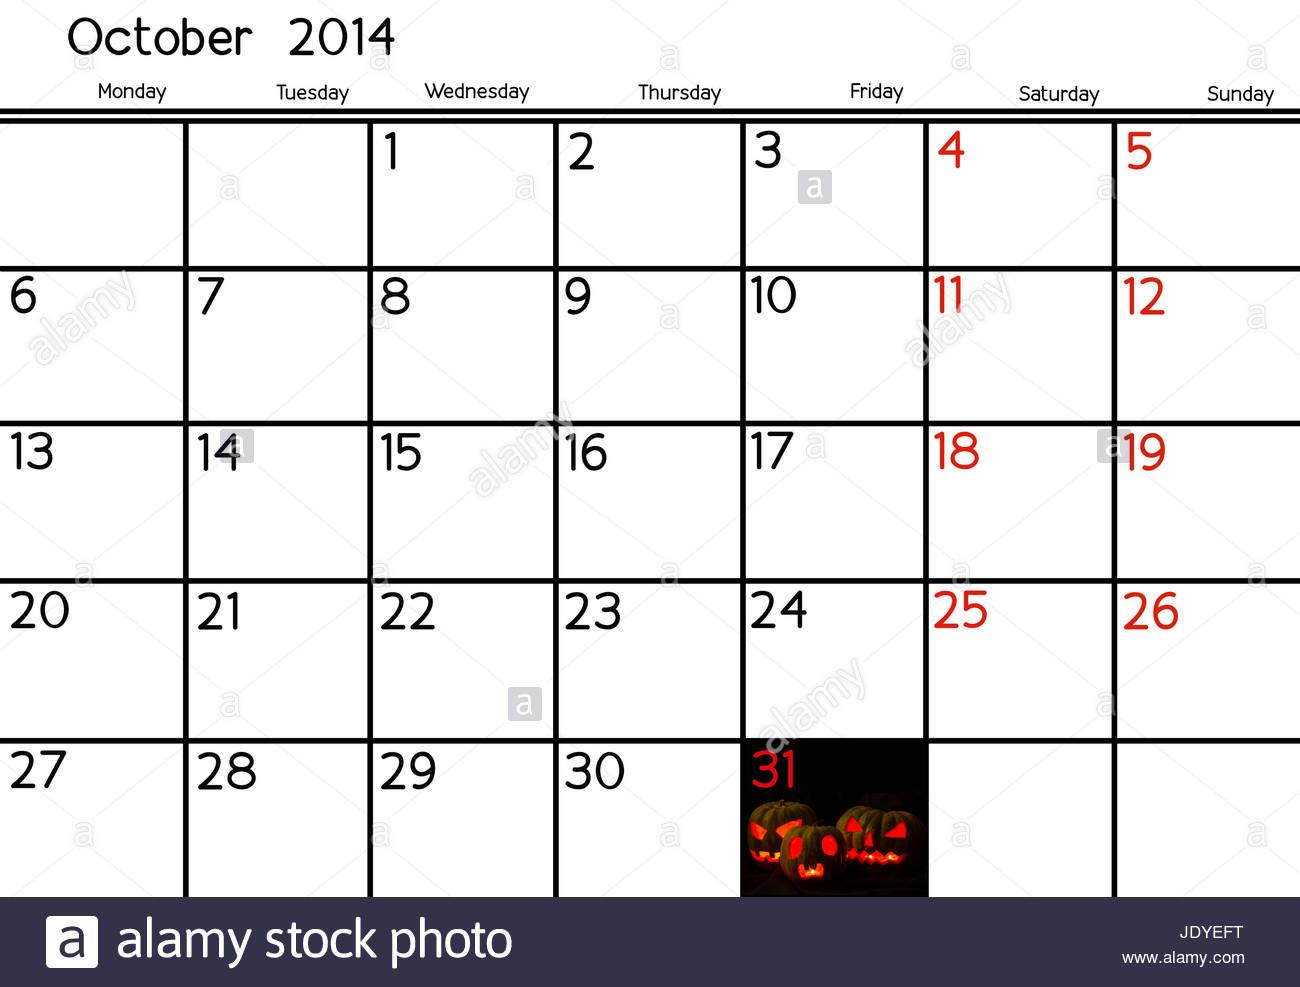 Blank Calendar Of October, 2014 Stock Photo: 146277596  Alamy inside Blank Calendar 2014